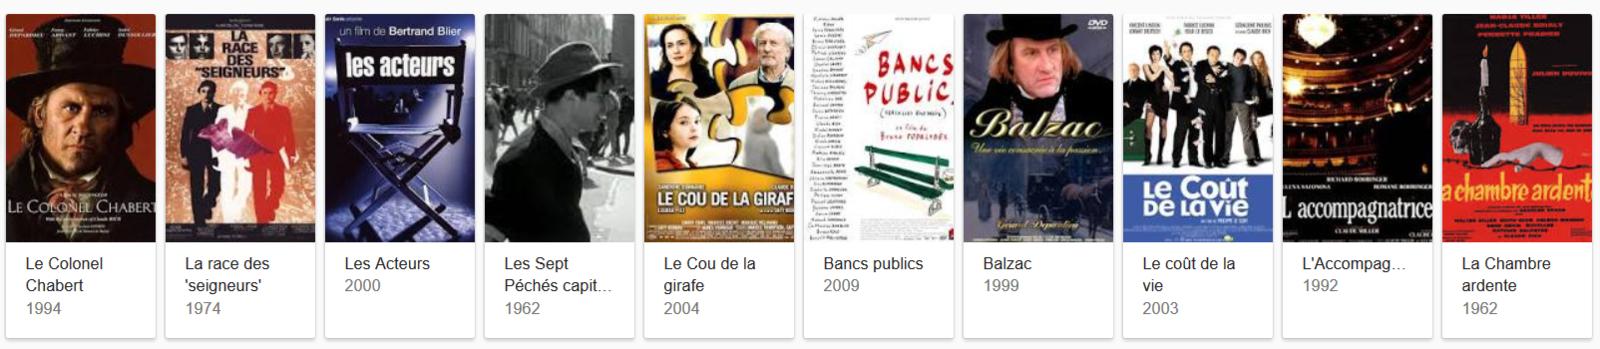 CLAUDE RICH NOUS A QUITTES / CINEMA / THEATRE / LA PERTE D'UN GRAND TALENT